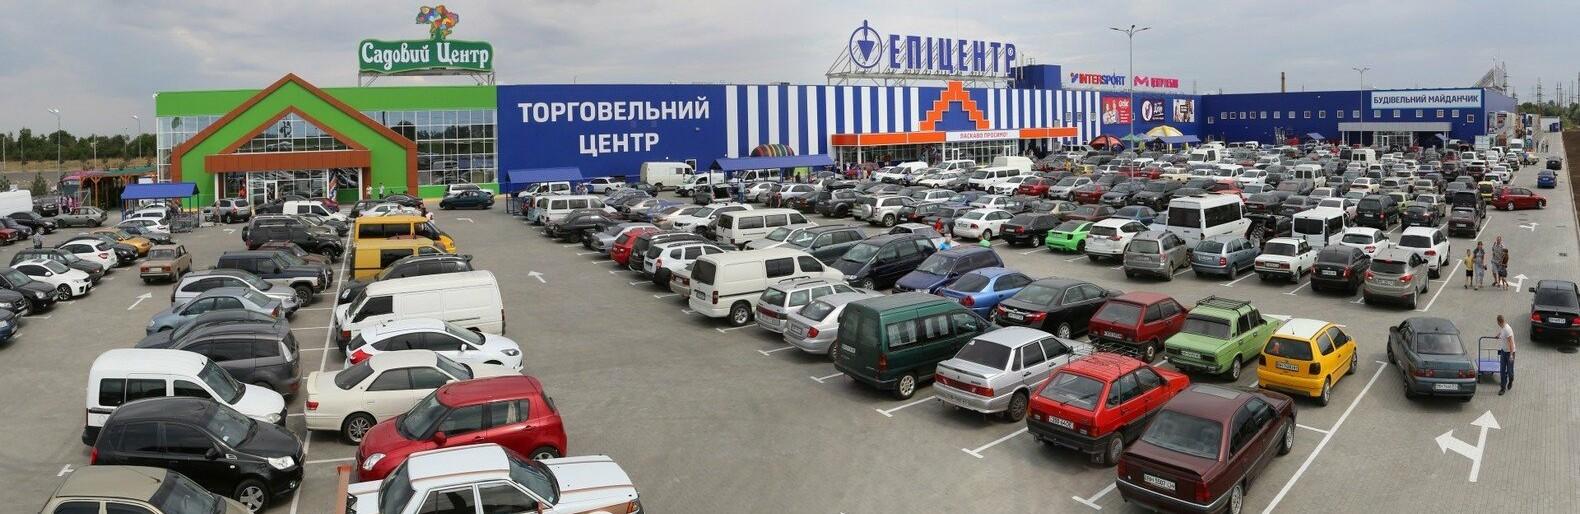 """Одесский """"Эпицентр"""" нашёл лазейку в карантинных ограничениях, - ВИД...0"""